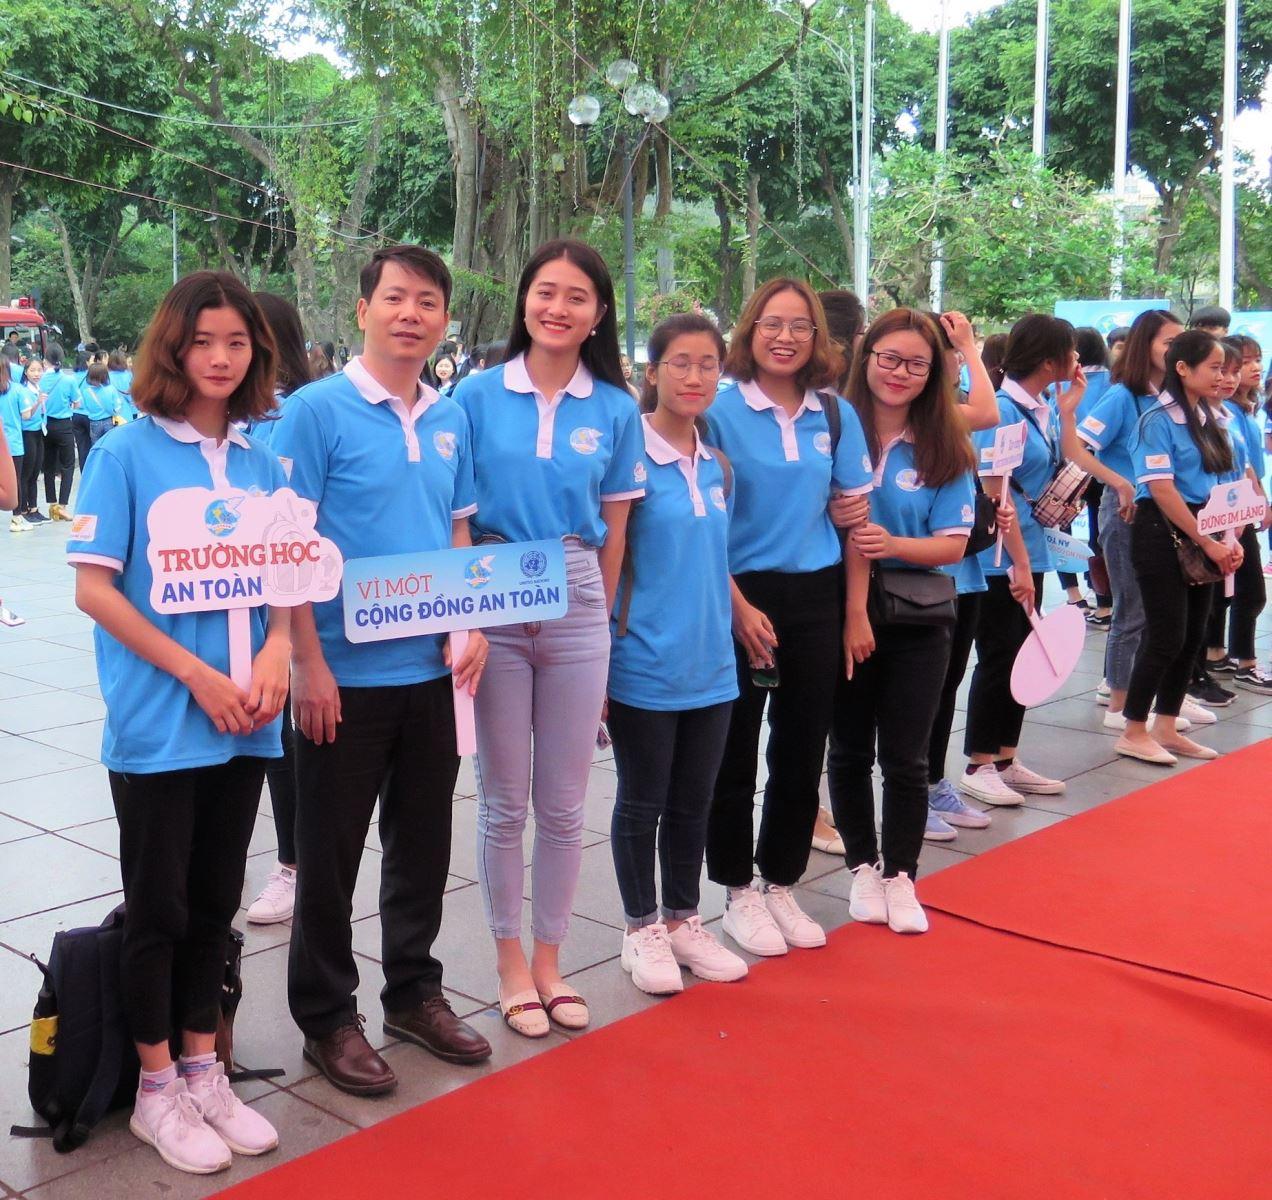 200 sinh viên Học viện Phụ nữ Việt Nam tham gia Lễ phát động Năm An toàn cho phụ nữ và trẻ em